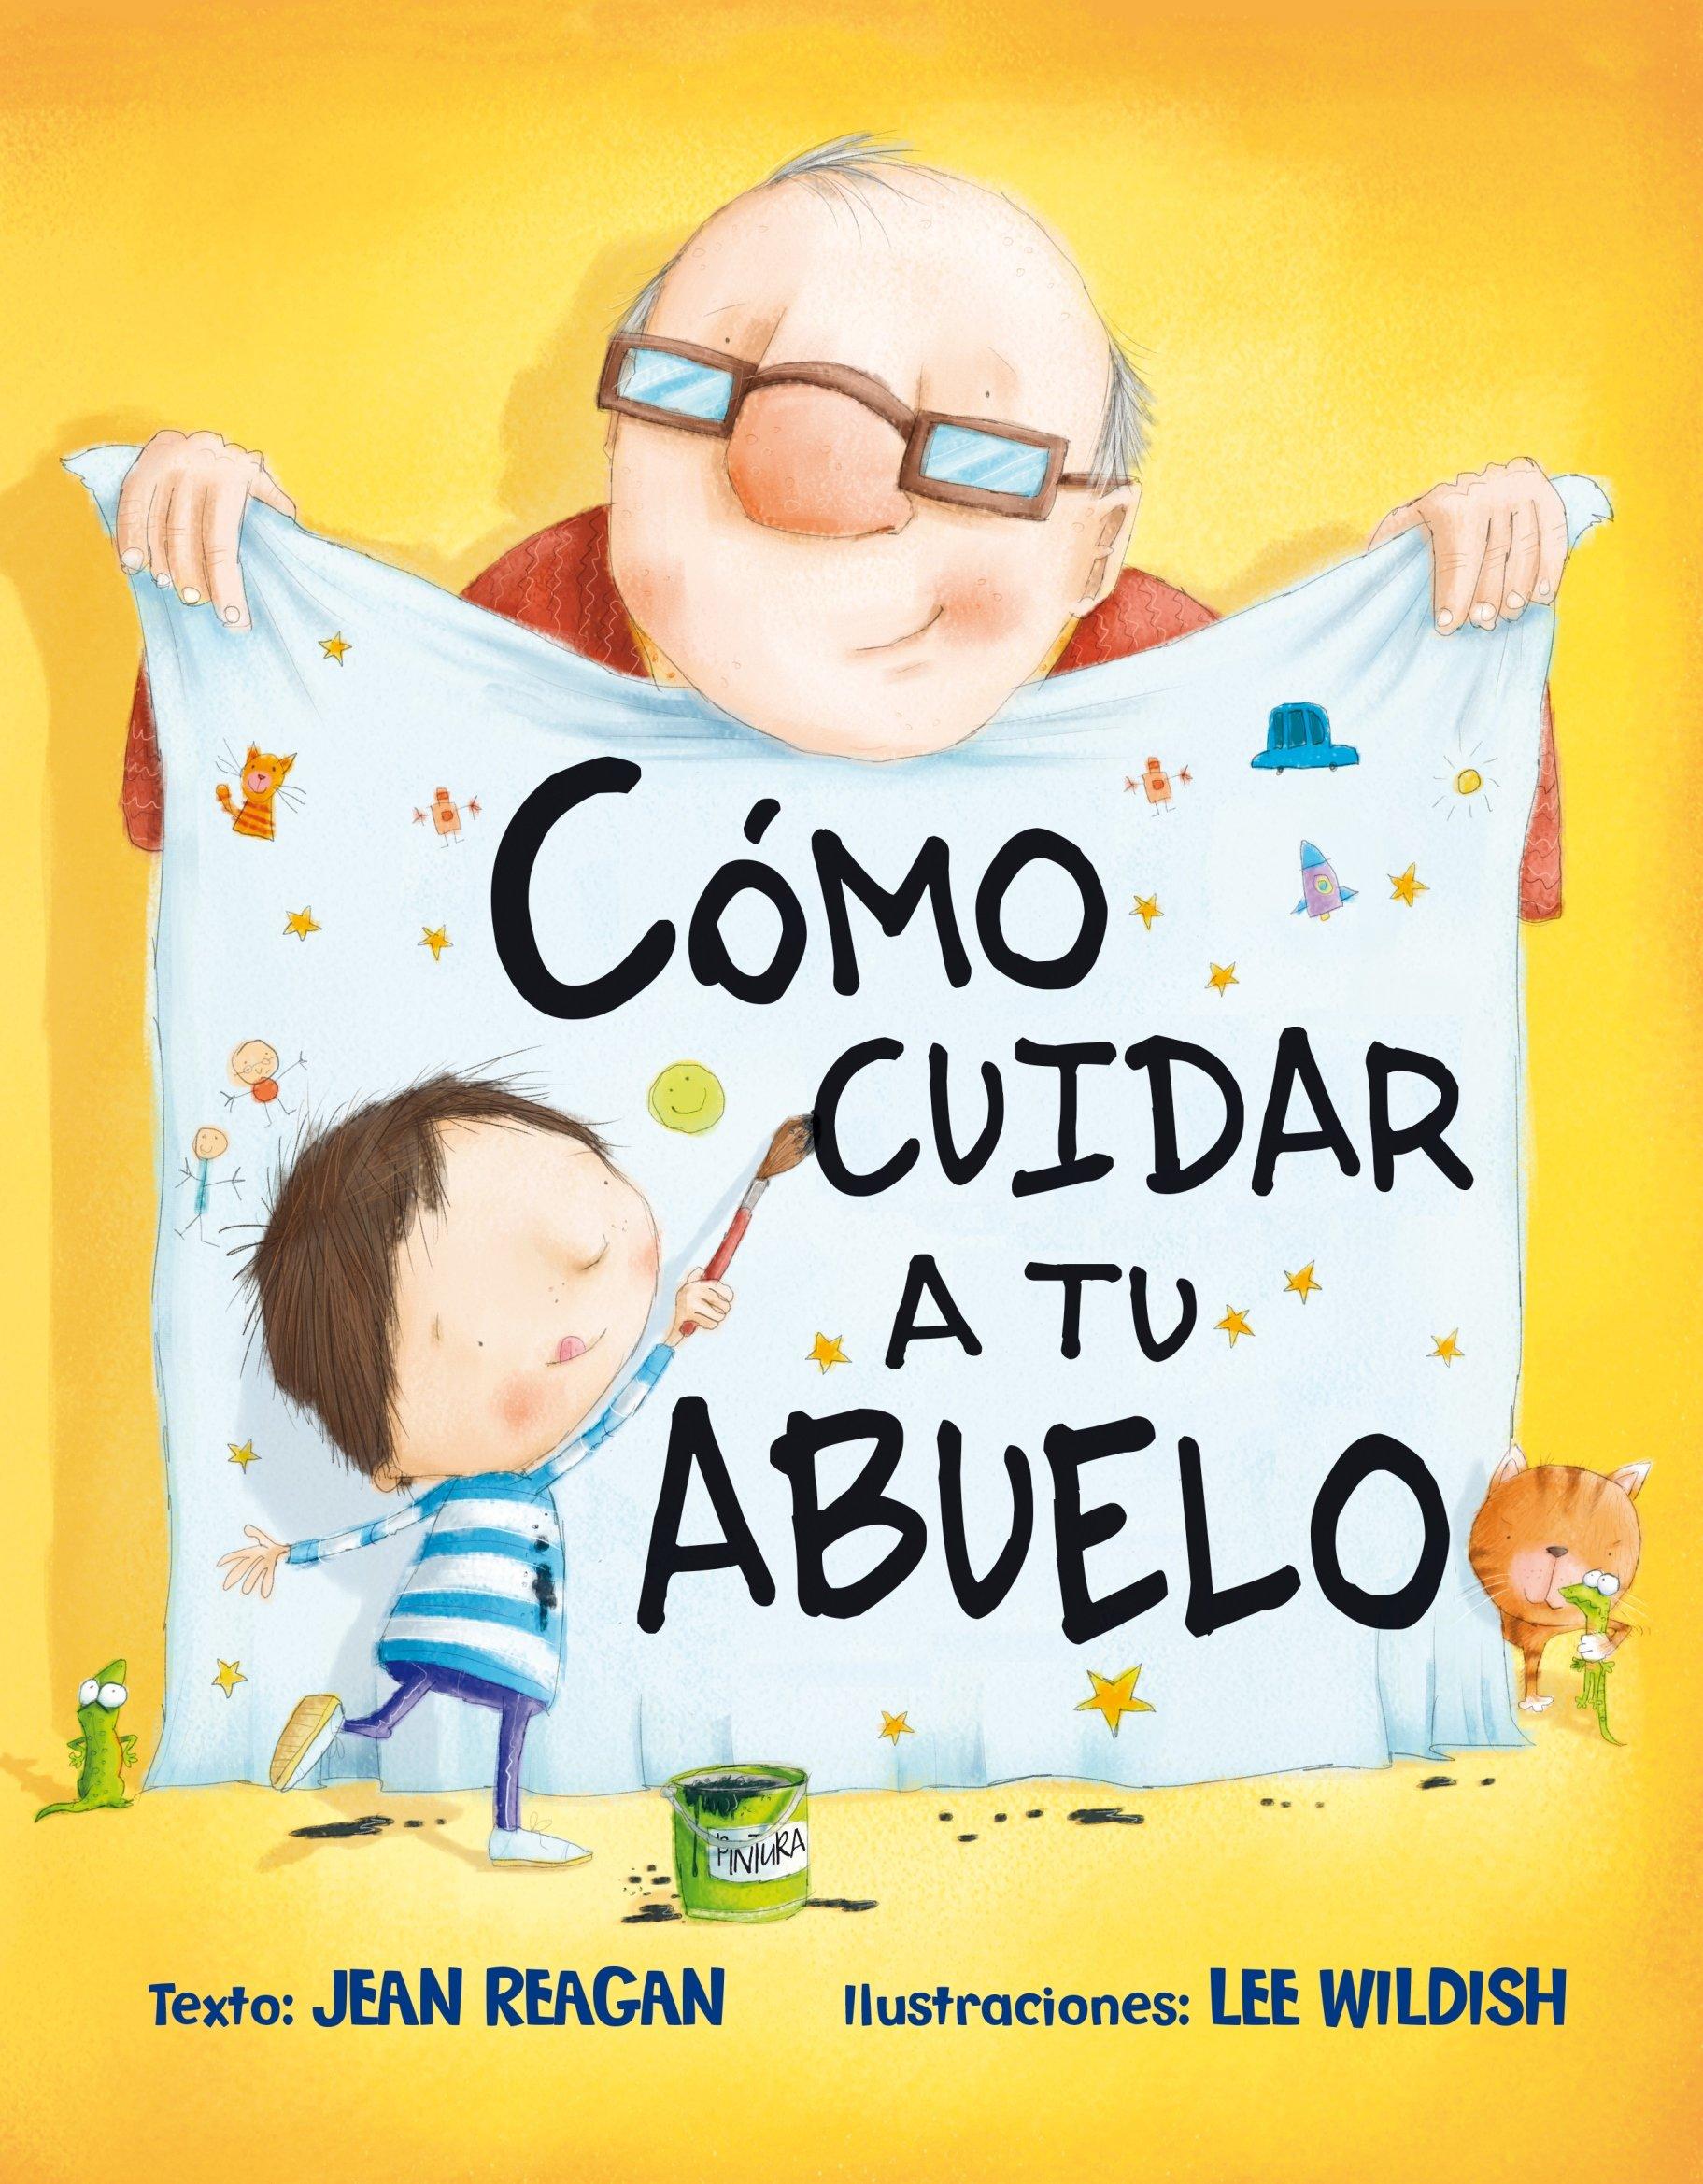 Cómo Cuidar A Tu Abuelo Picarona Spanish Edition Reagan Jean Delgado Sánchez Joana 9788416117895 Books